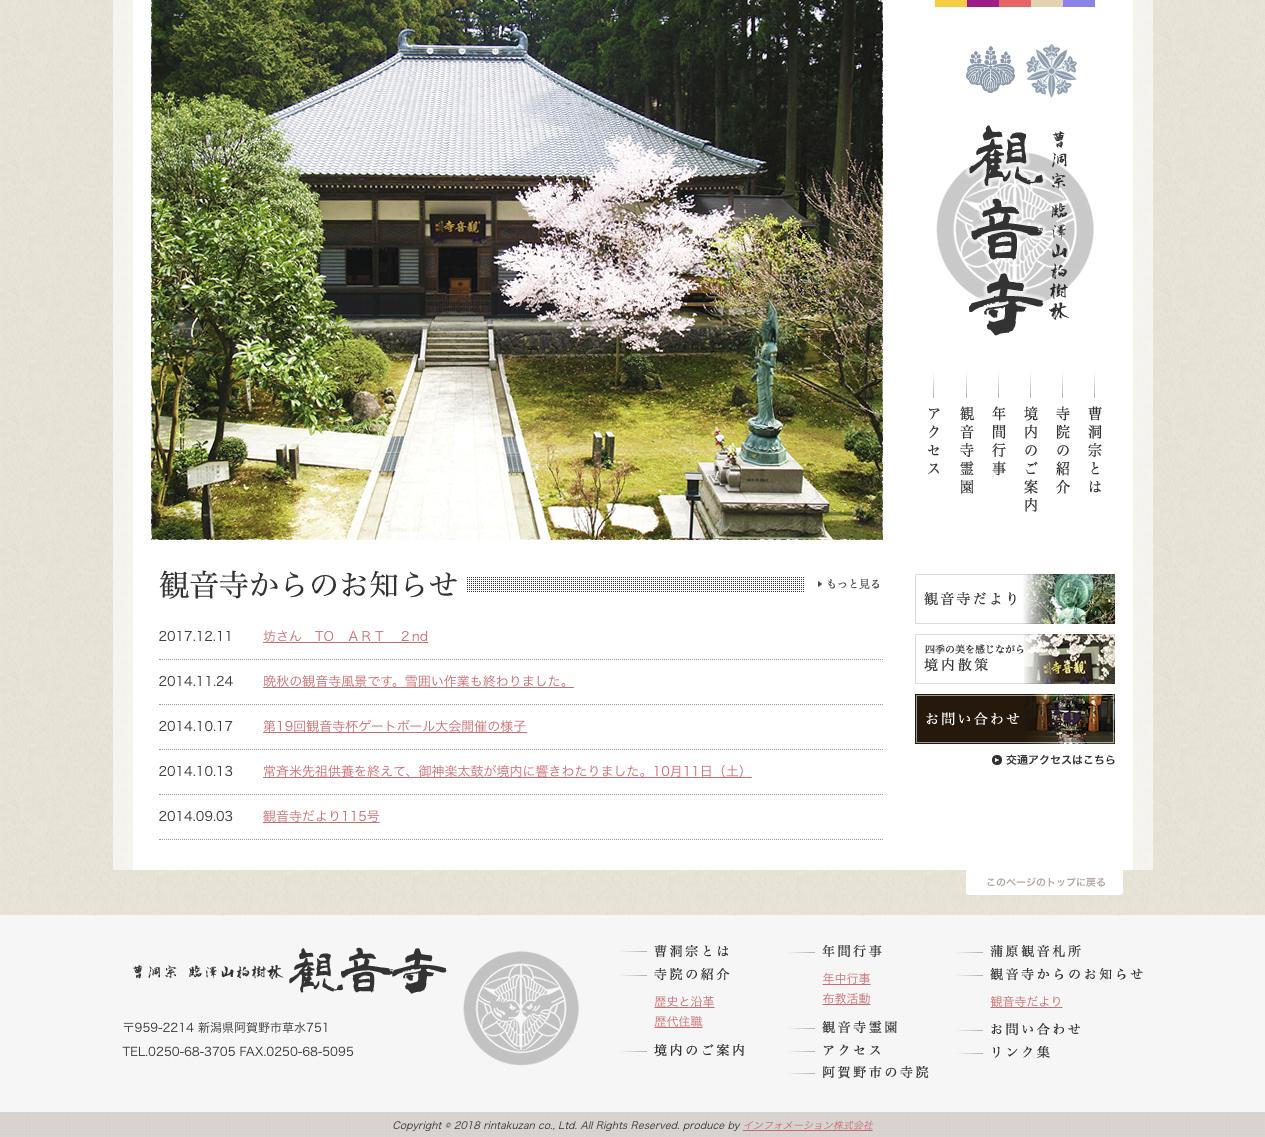 ホームページ制作実績:曹洞宗 臨澤山柏樹林 観音寺 様